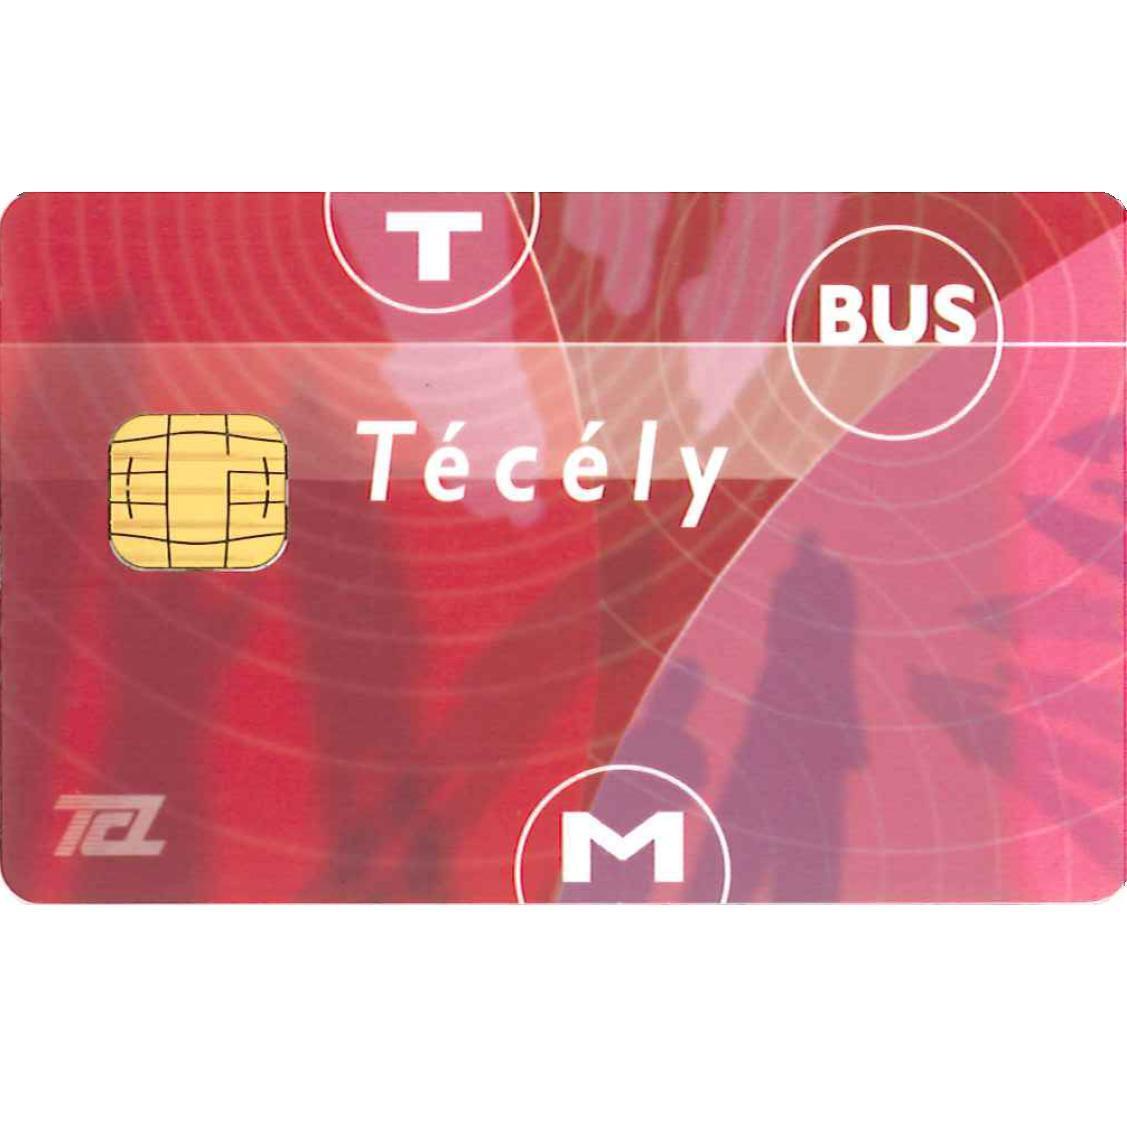 Carte Técély (TCL - Transport en Commun Lyonnais) offerte au lieu de 5€